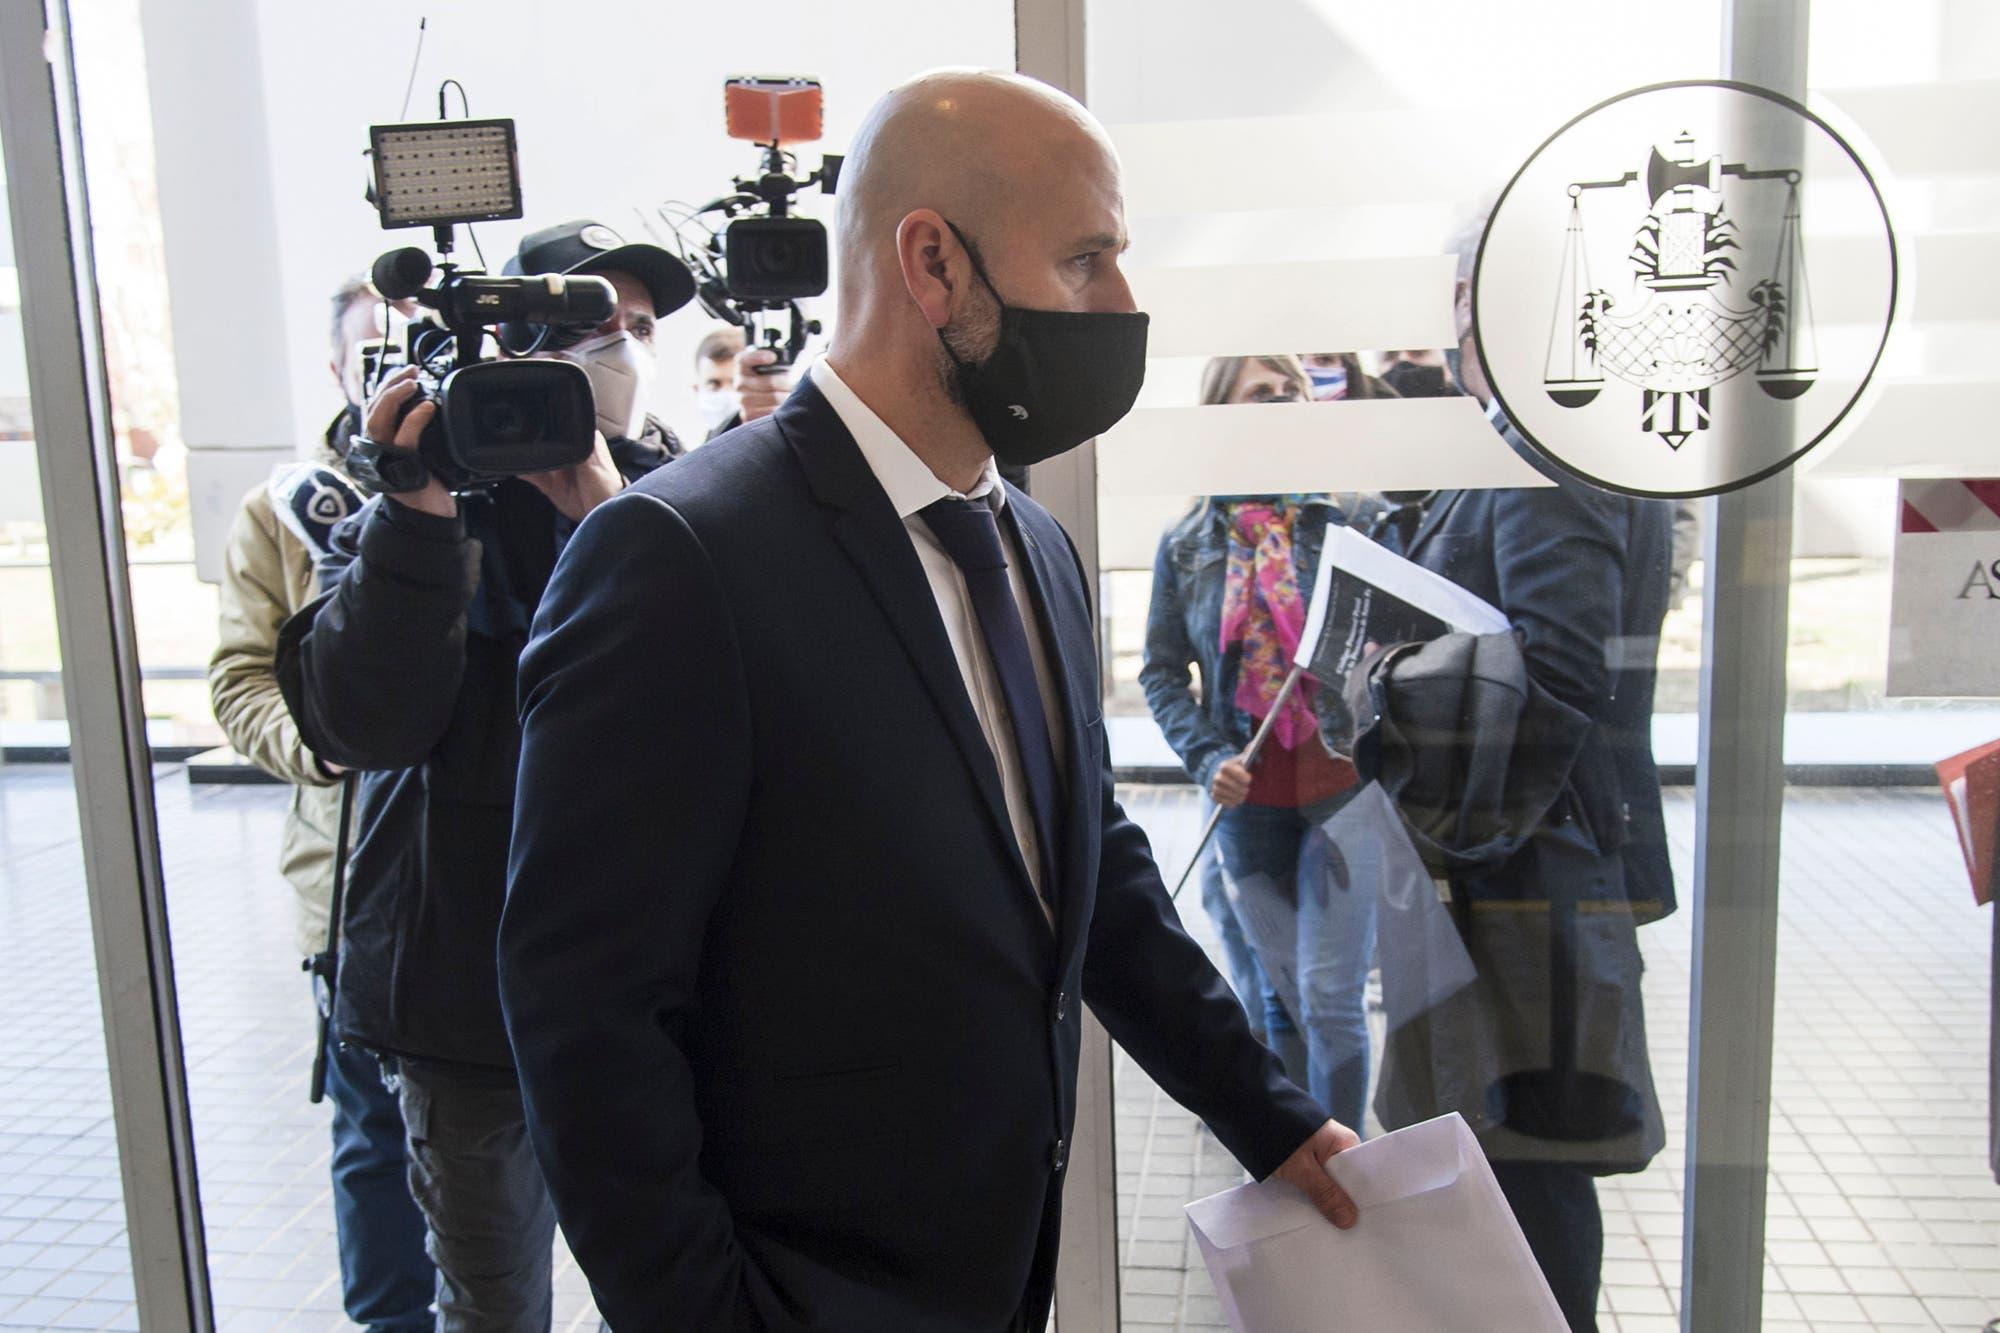 Juego clandestino: detuvieron a un fiscal general por cobrar coimas de US$ 5000